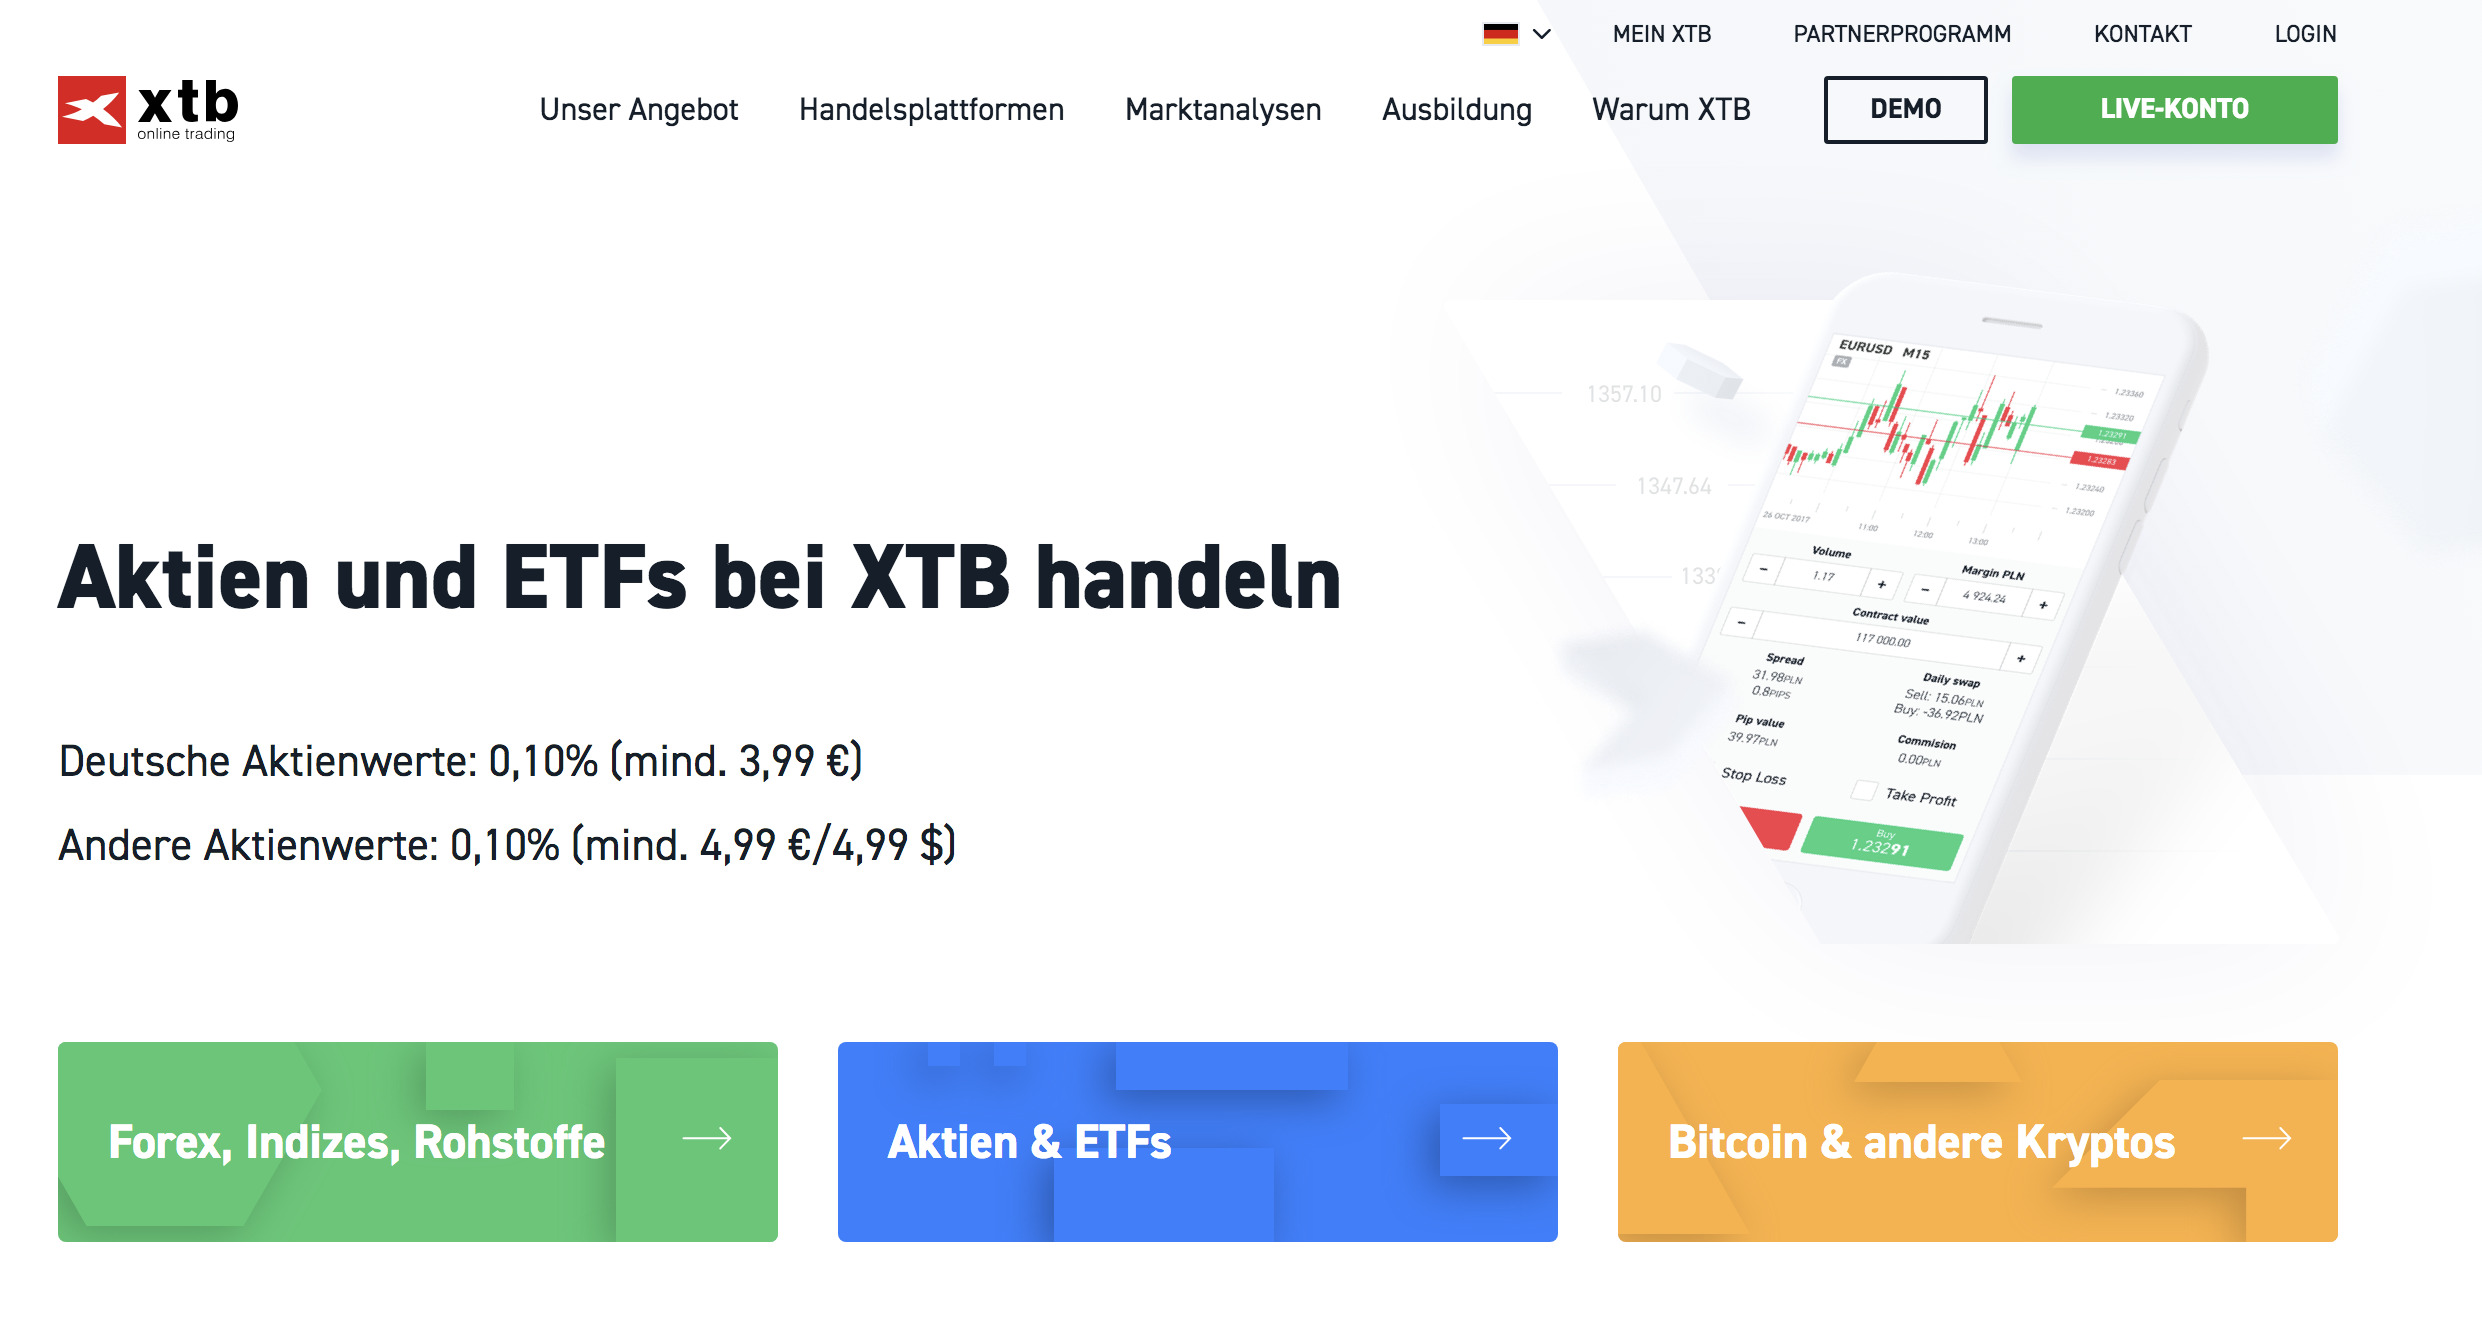 Neben dem Forexhandel bietet XTB auch Aktien und ETFs an